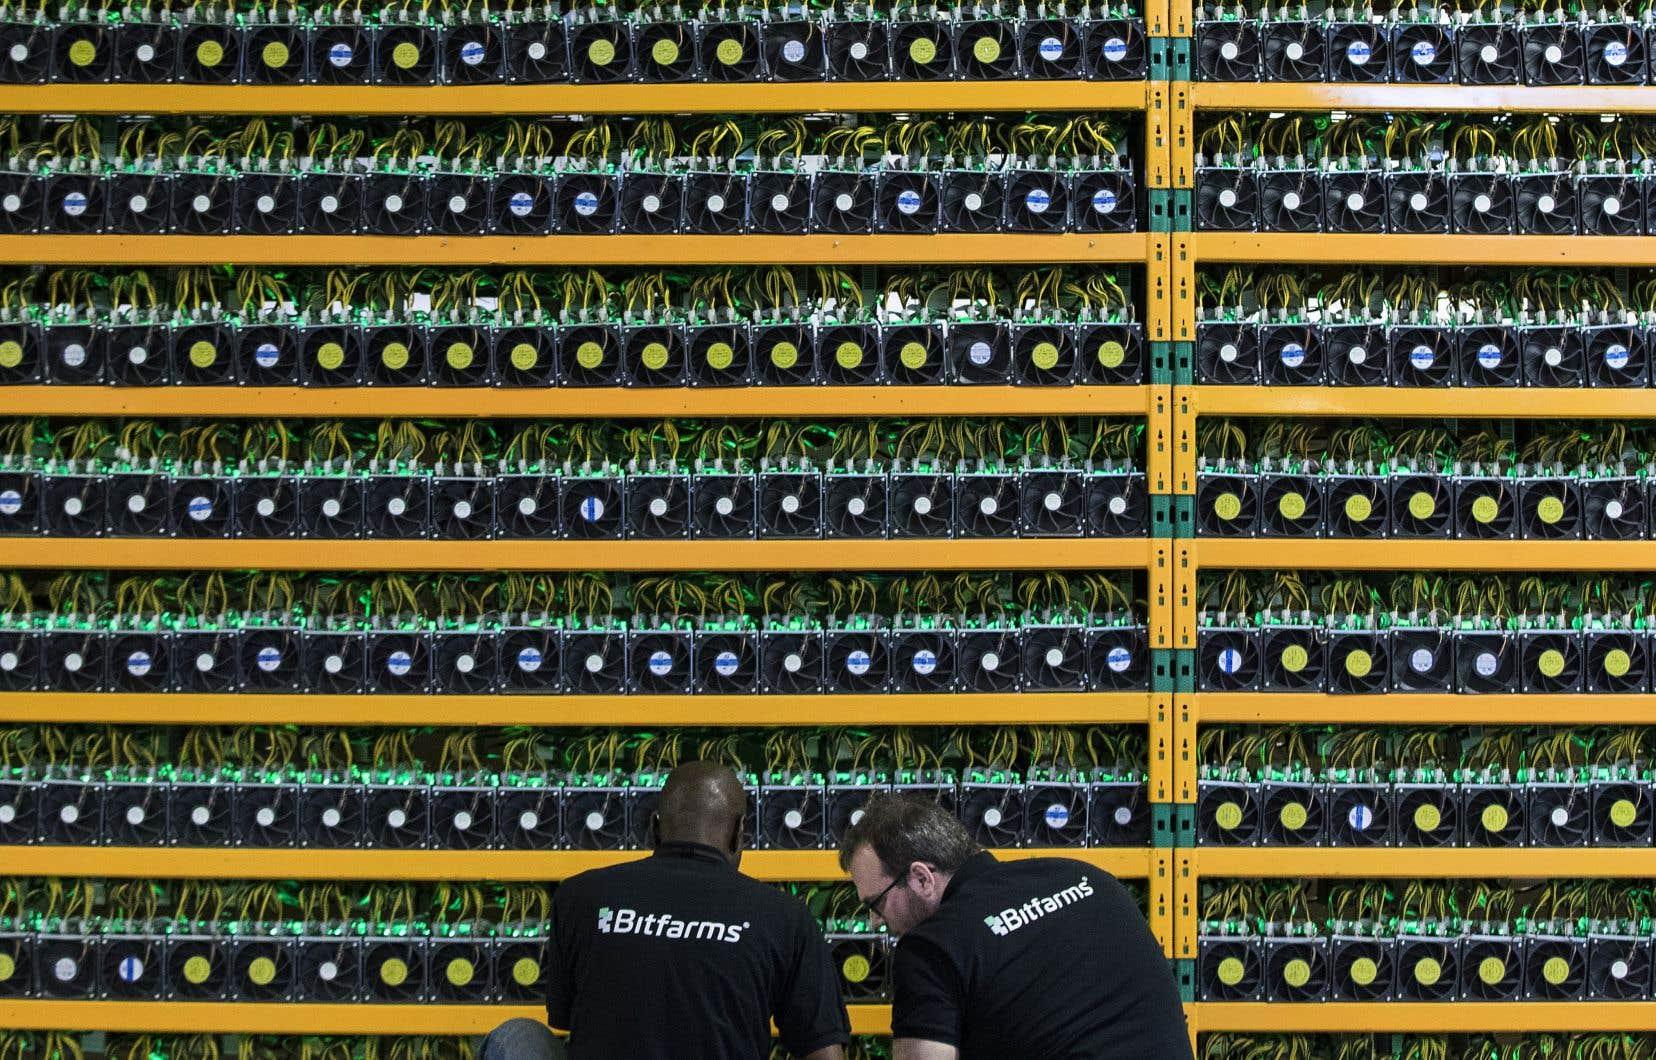 La société d'État dit qu'environ 300 requêtes lui ont été acheminées, ce qui représente une demande d'environ 18000 mégawatts, soit plus de 40% de sa capacité de production.